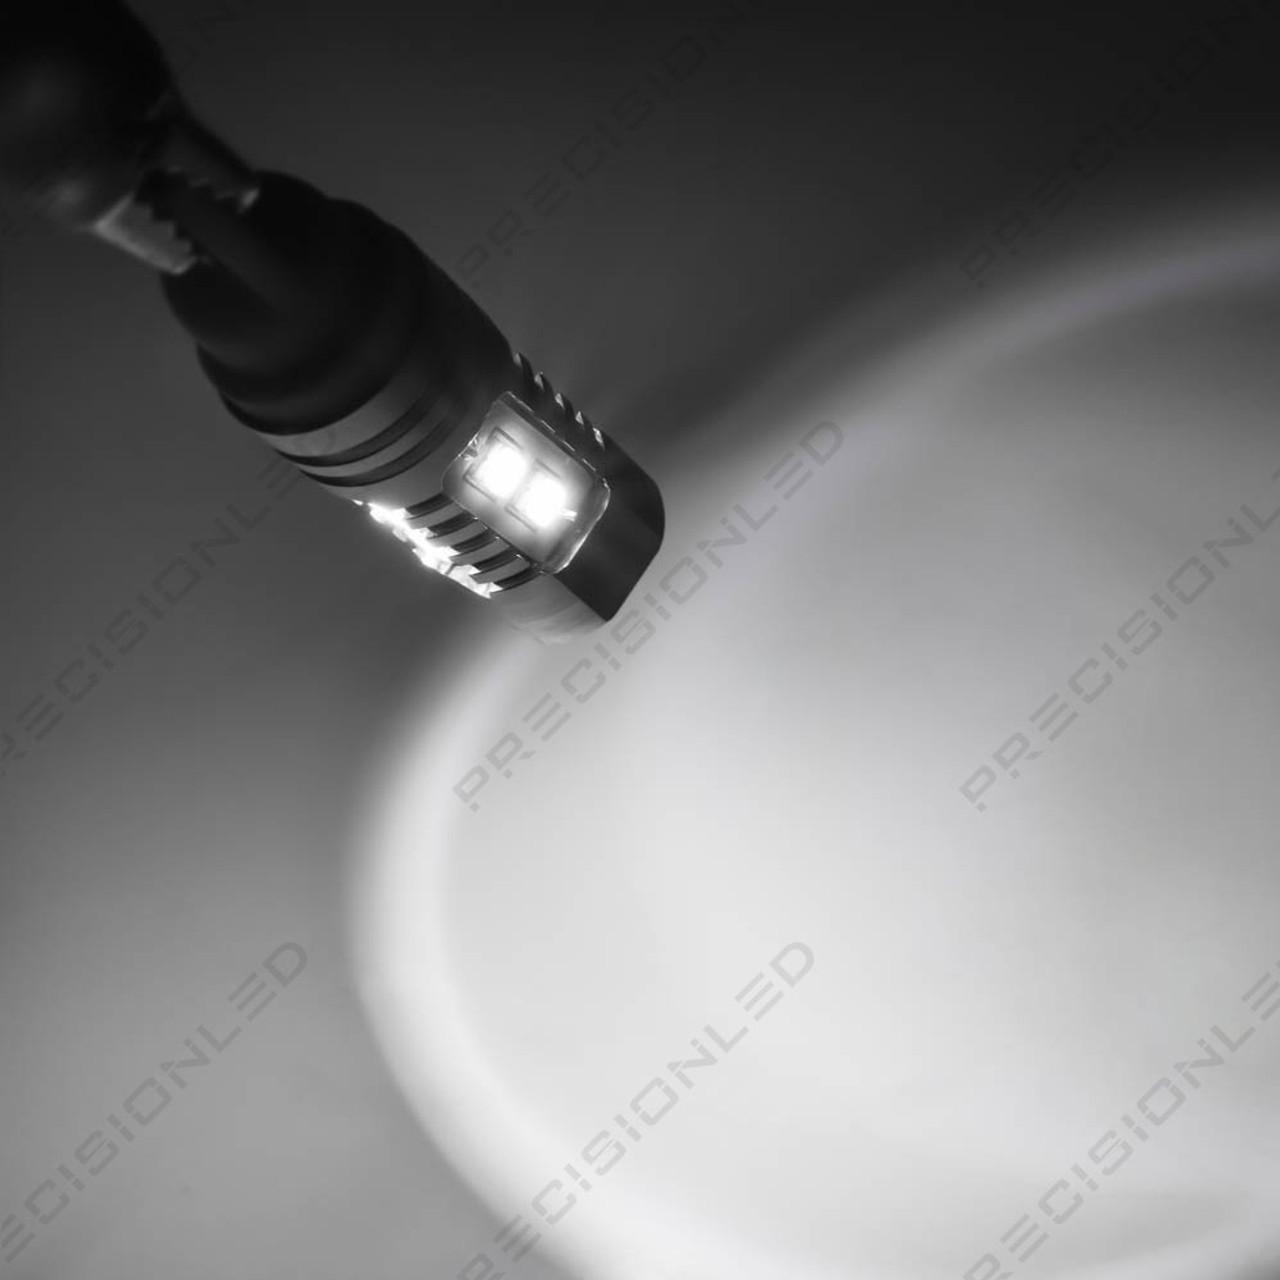 Ford Windstar LED Backup Reverse Lights (1995-1998)